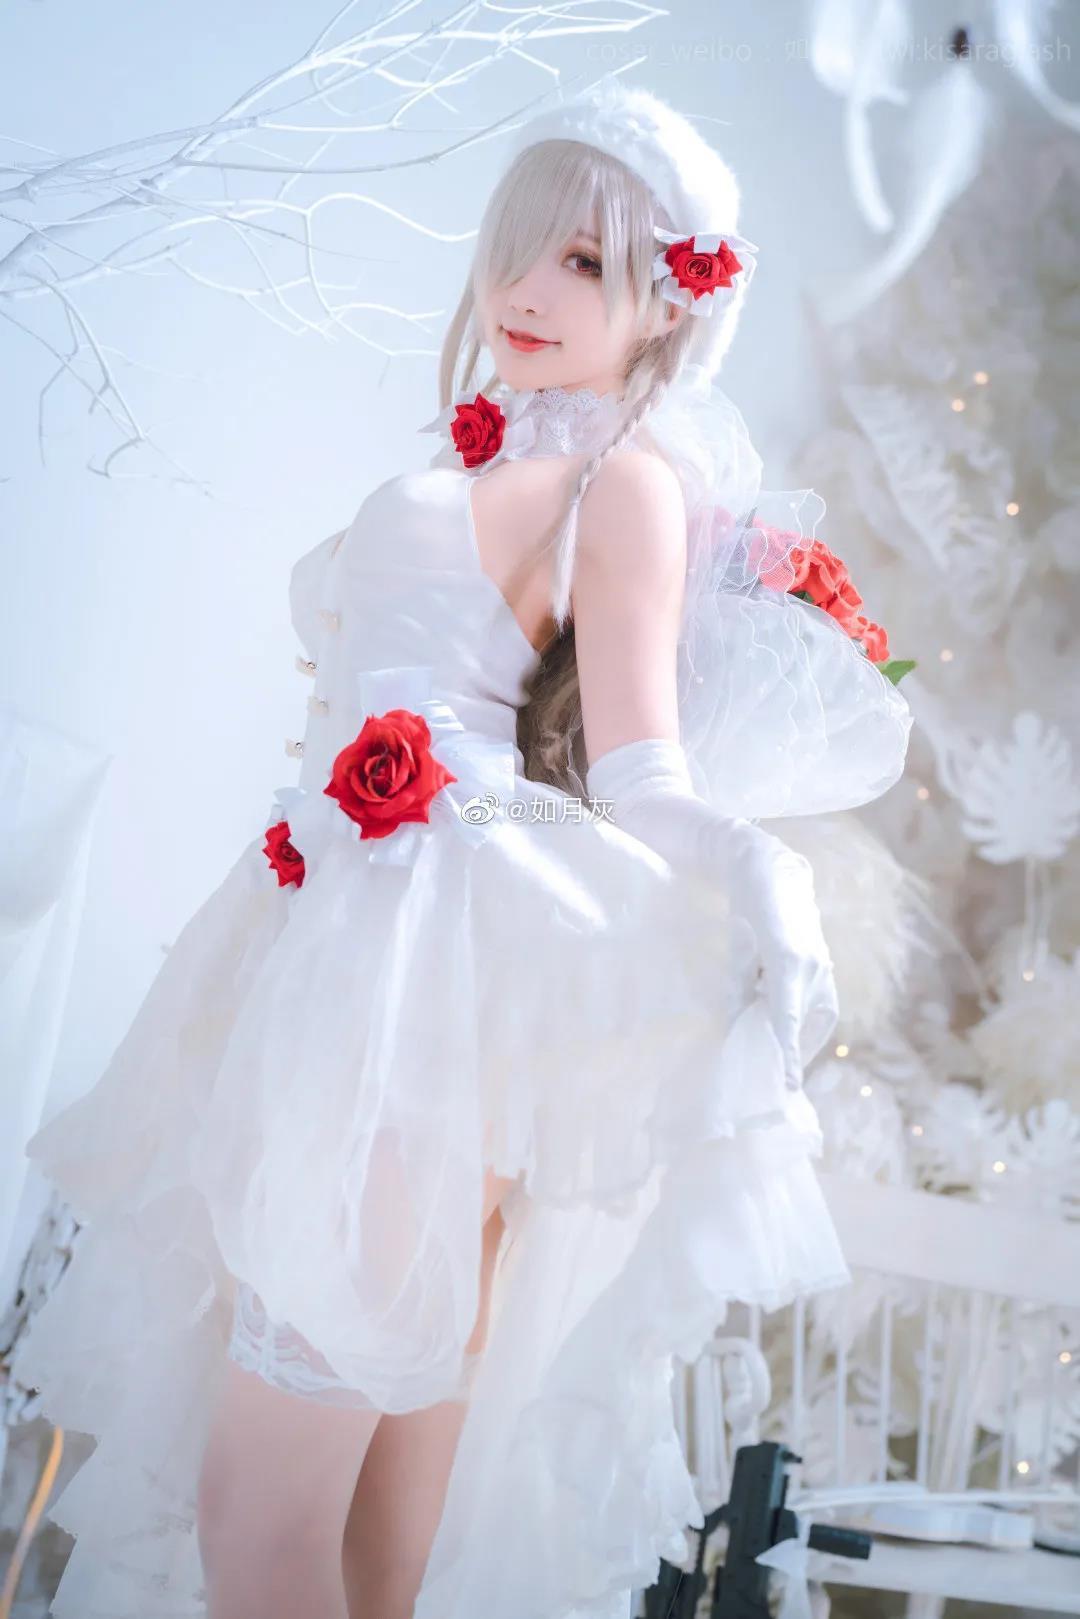 如月灰COS《少女前线》G36写真,白色礼服战斗女骑士